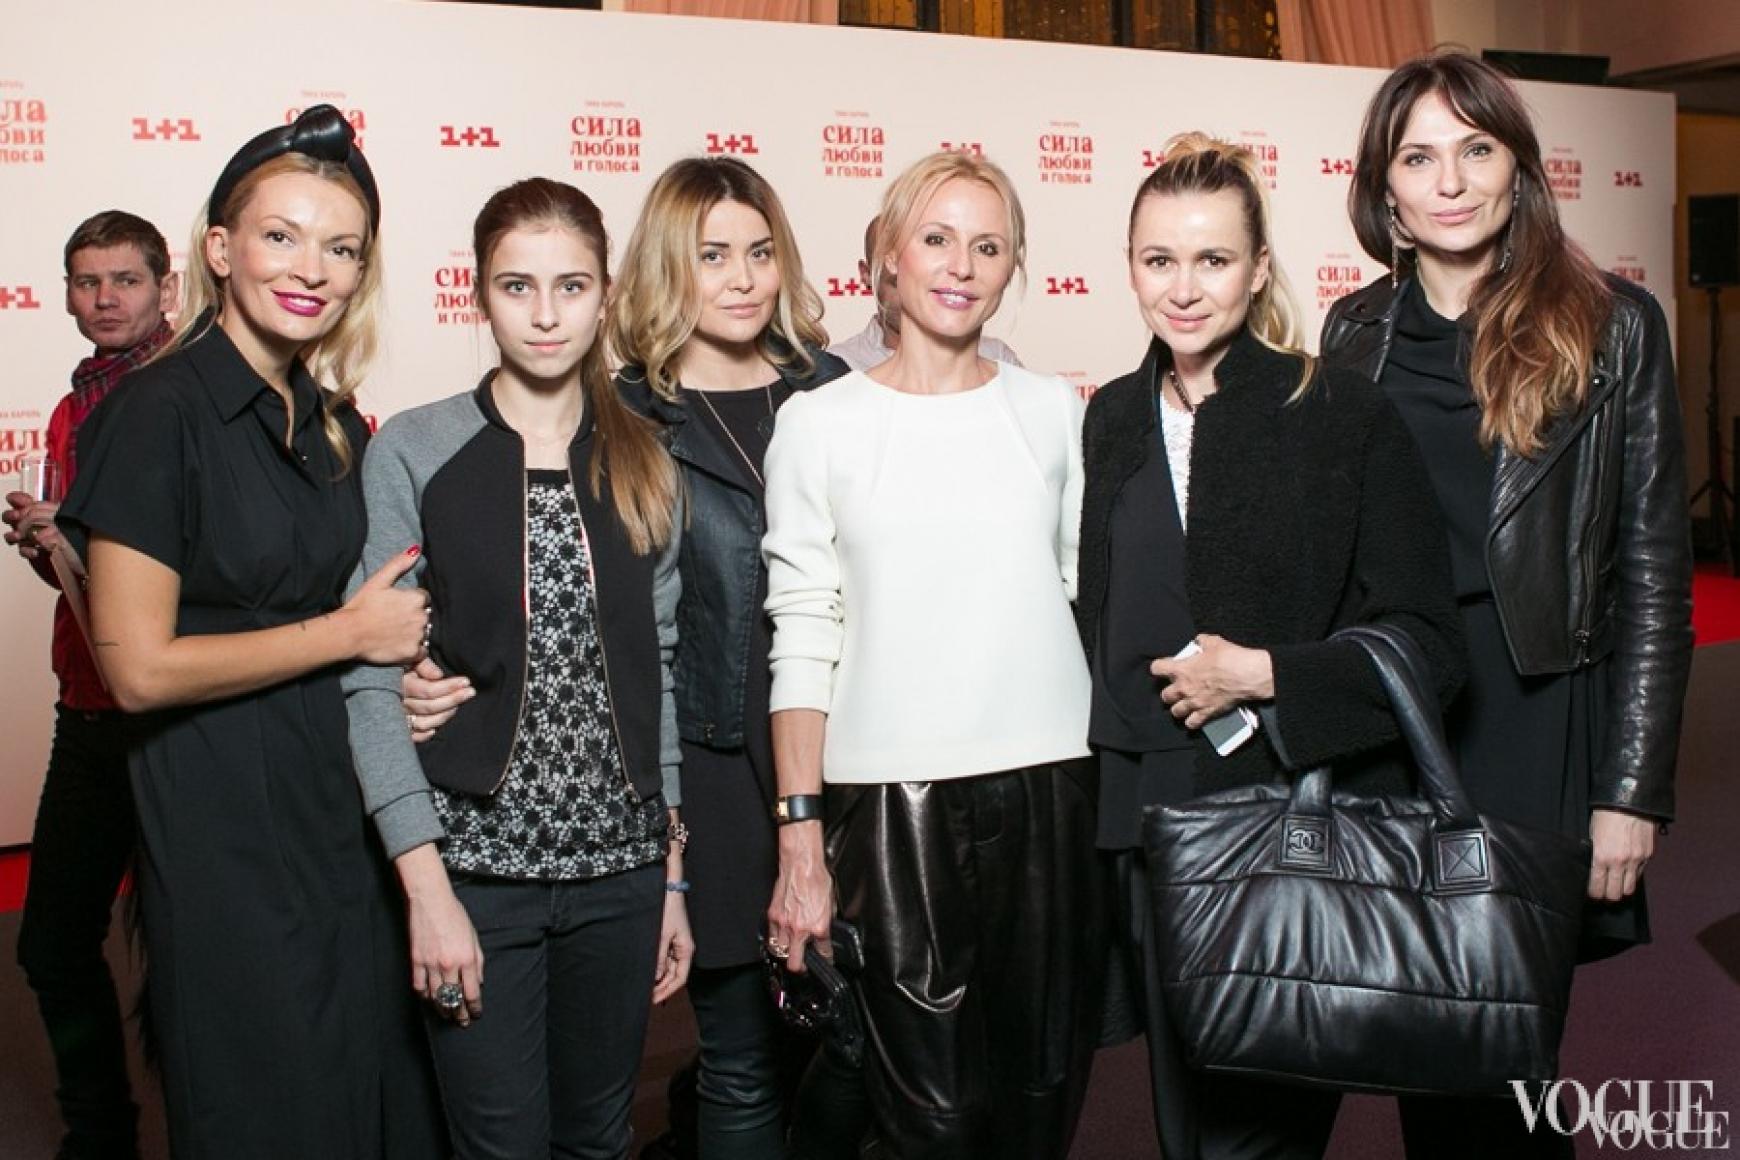 Полина Неня, Соня и Светлана Евдокименко, Елена Примак, Татьяна Рамус, Ольга Слонь